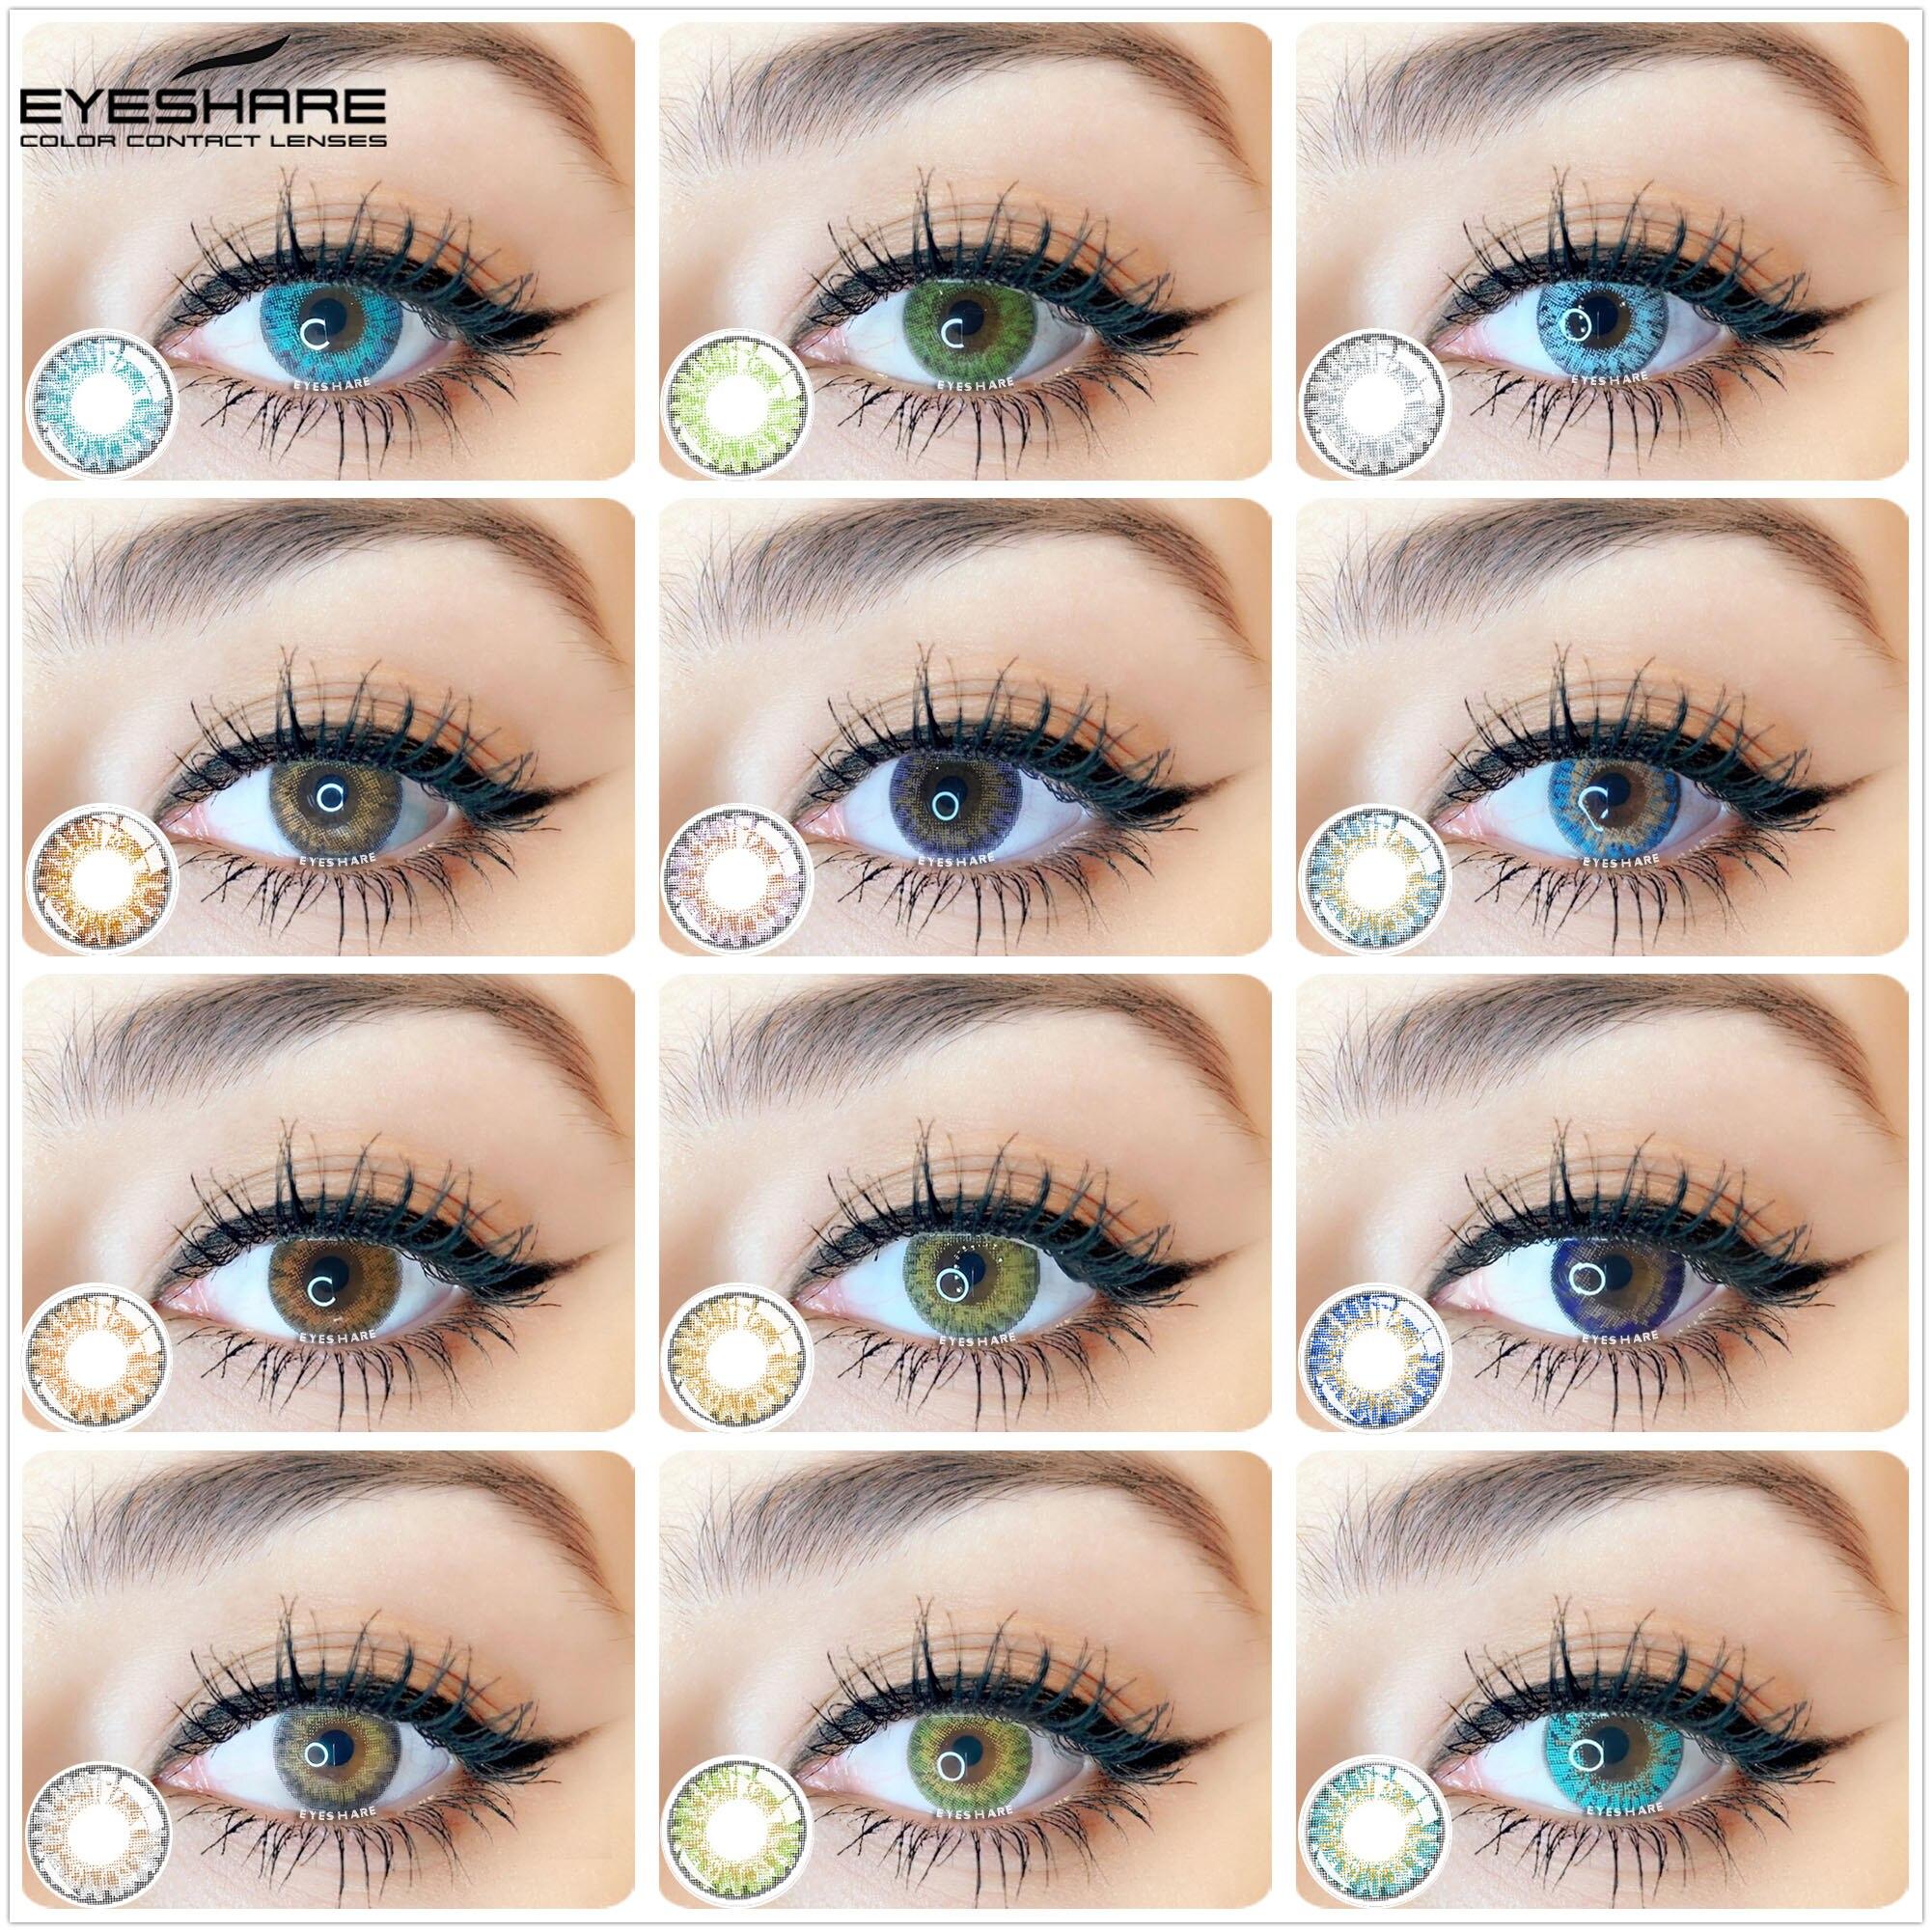 EYESHARE- 1 пара (3 оттенка, переходящие плавно от темного к светлому) Блестящий Цветной контактные линзы для глаз Косметические цветные глазные ...